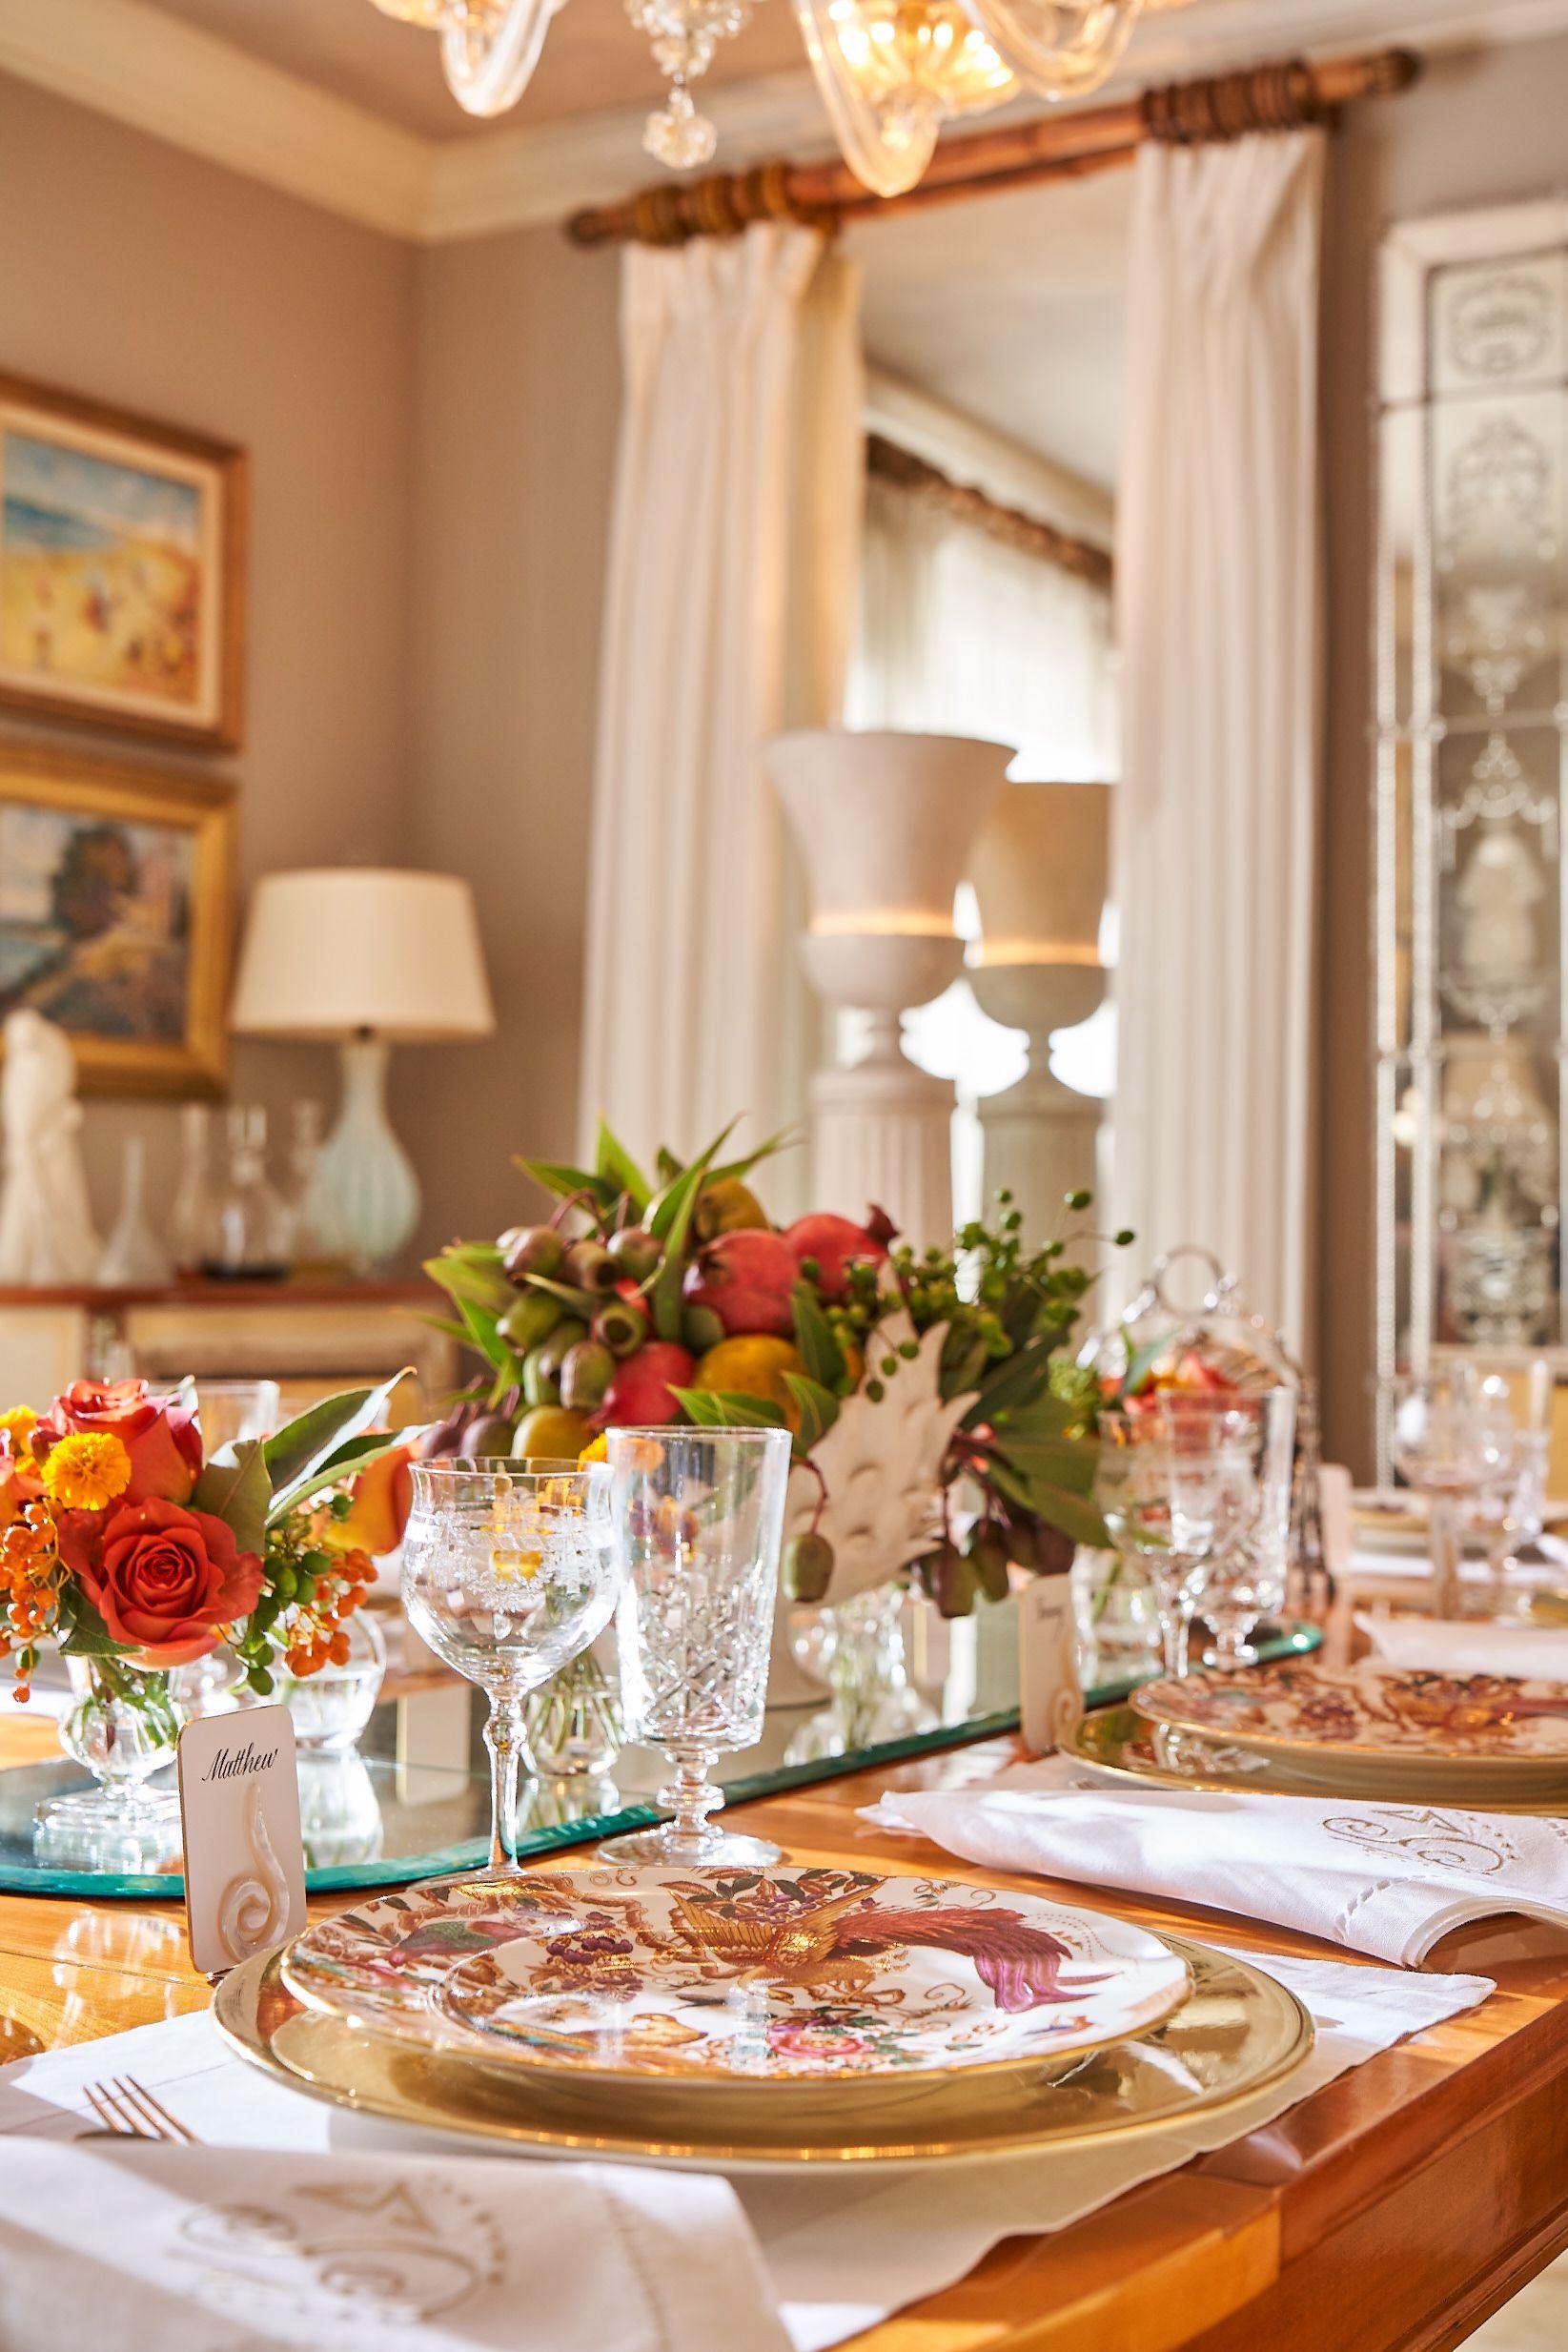 Thanksgiving Tablescape Decor Ideas